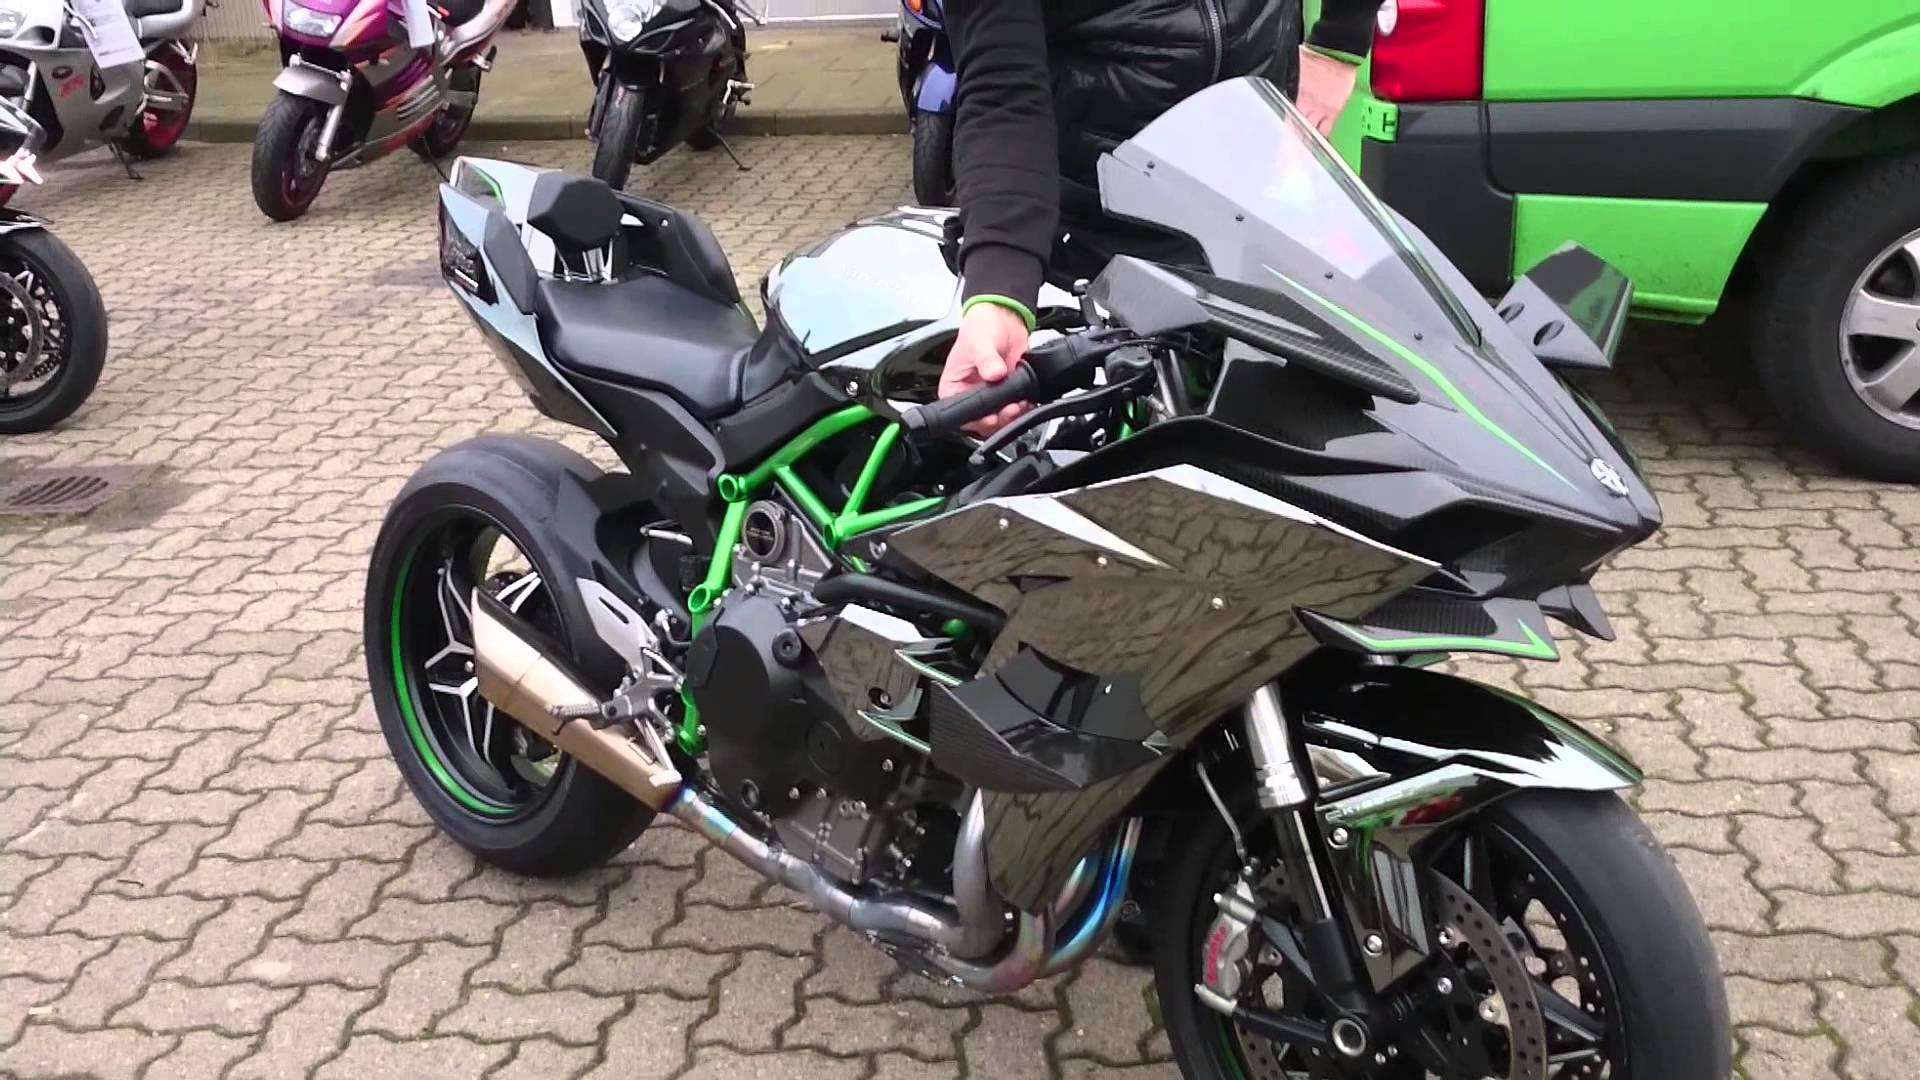 Kawasaki Arşivleri 2el Motor Alanlar 2el Motor Alım Satım 2